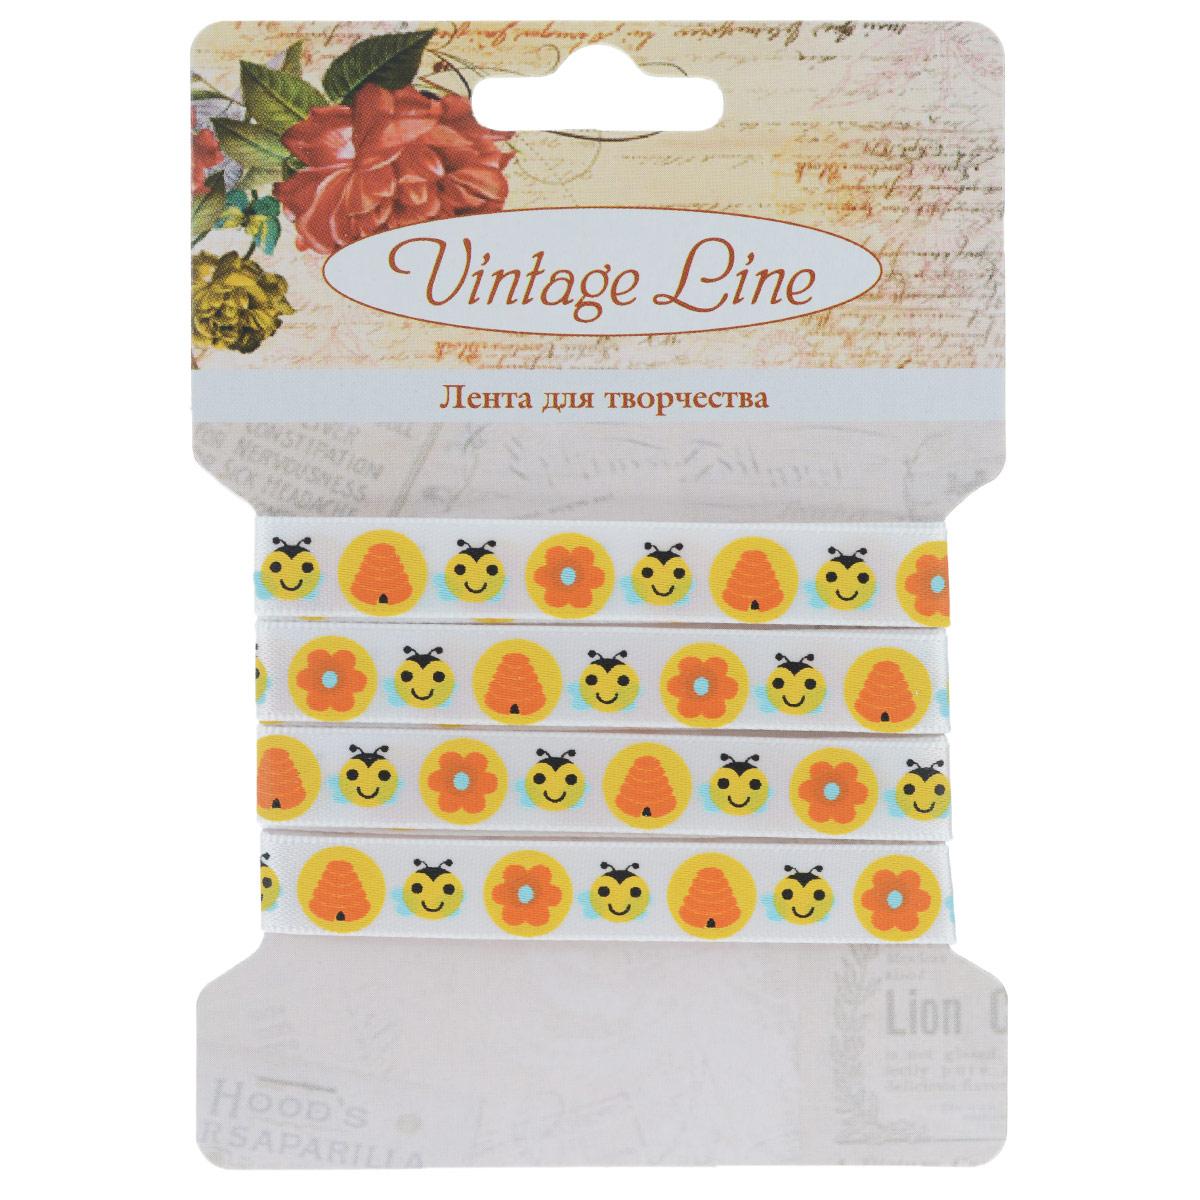 Лента декоративная Vintage Line Рожицы, 1 х 100 см 77092977709297Декоративная лента Vintage Line Рожицы представляет собой атласную ленту, декорированную пчелками и цветками. Такая лента идеально подойдет для оформления различных творческих работ таких, как скрапбукинг, аппликация, декор коробок и открыток и многое другое.Лента наивысшего качества практична в использовании. Она станет незаменимым элементом в создании рукотворного шедевра. Ширина: 1 см.Длина: 1 м.